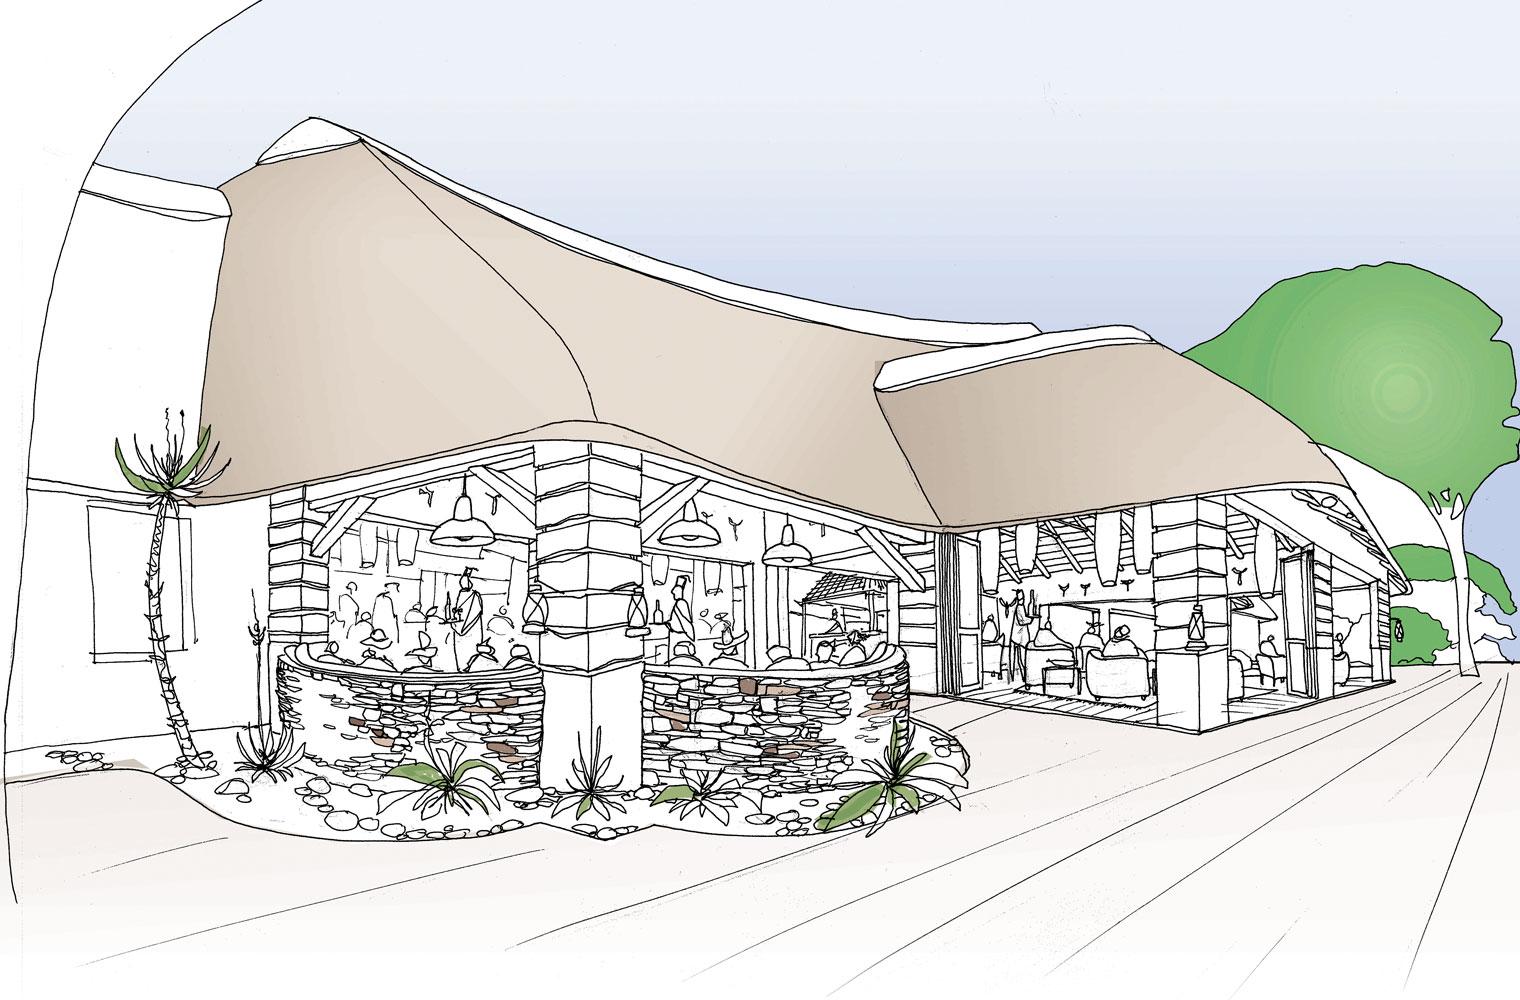 Skukuza Restaurant - Exterior